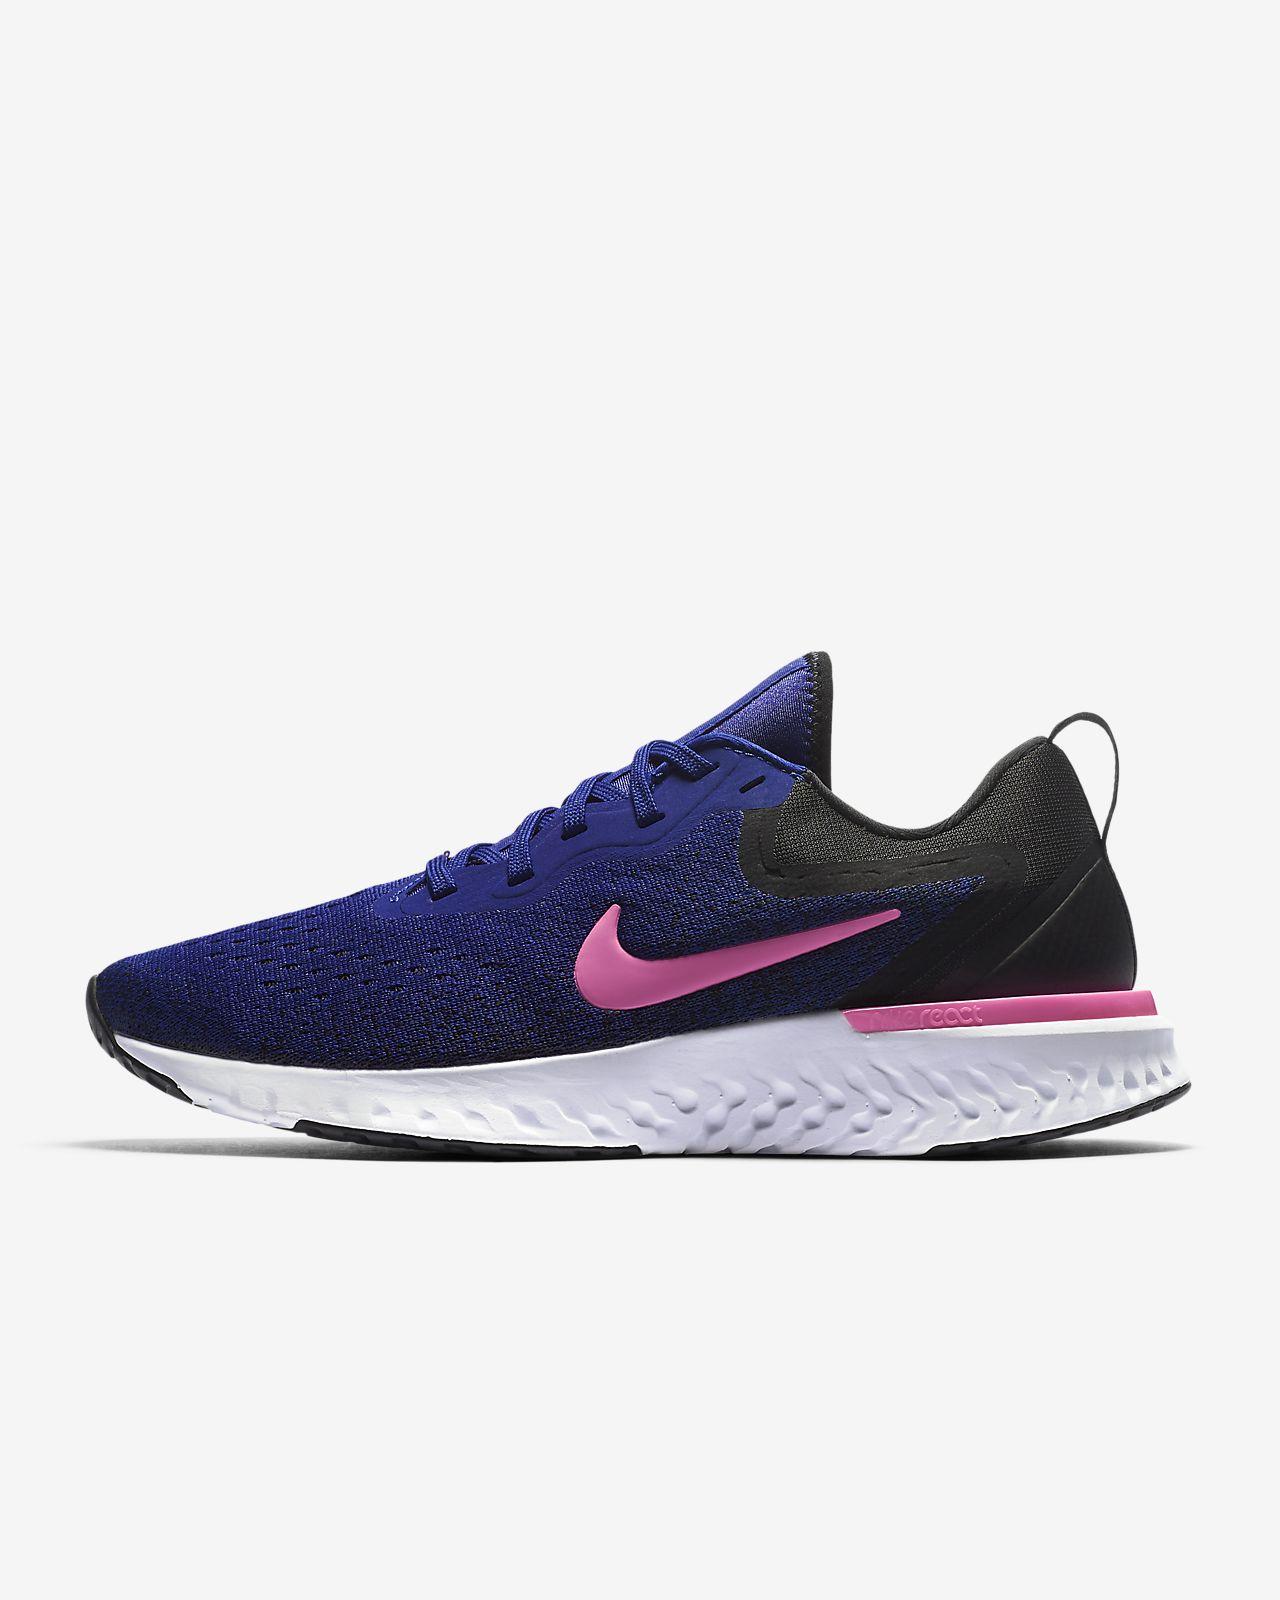 รองเท้าวิ่งผู้หญิง Nike Odyssey React